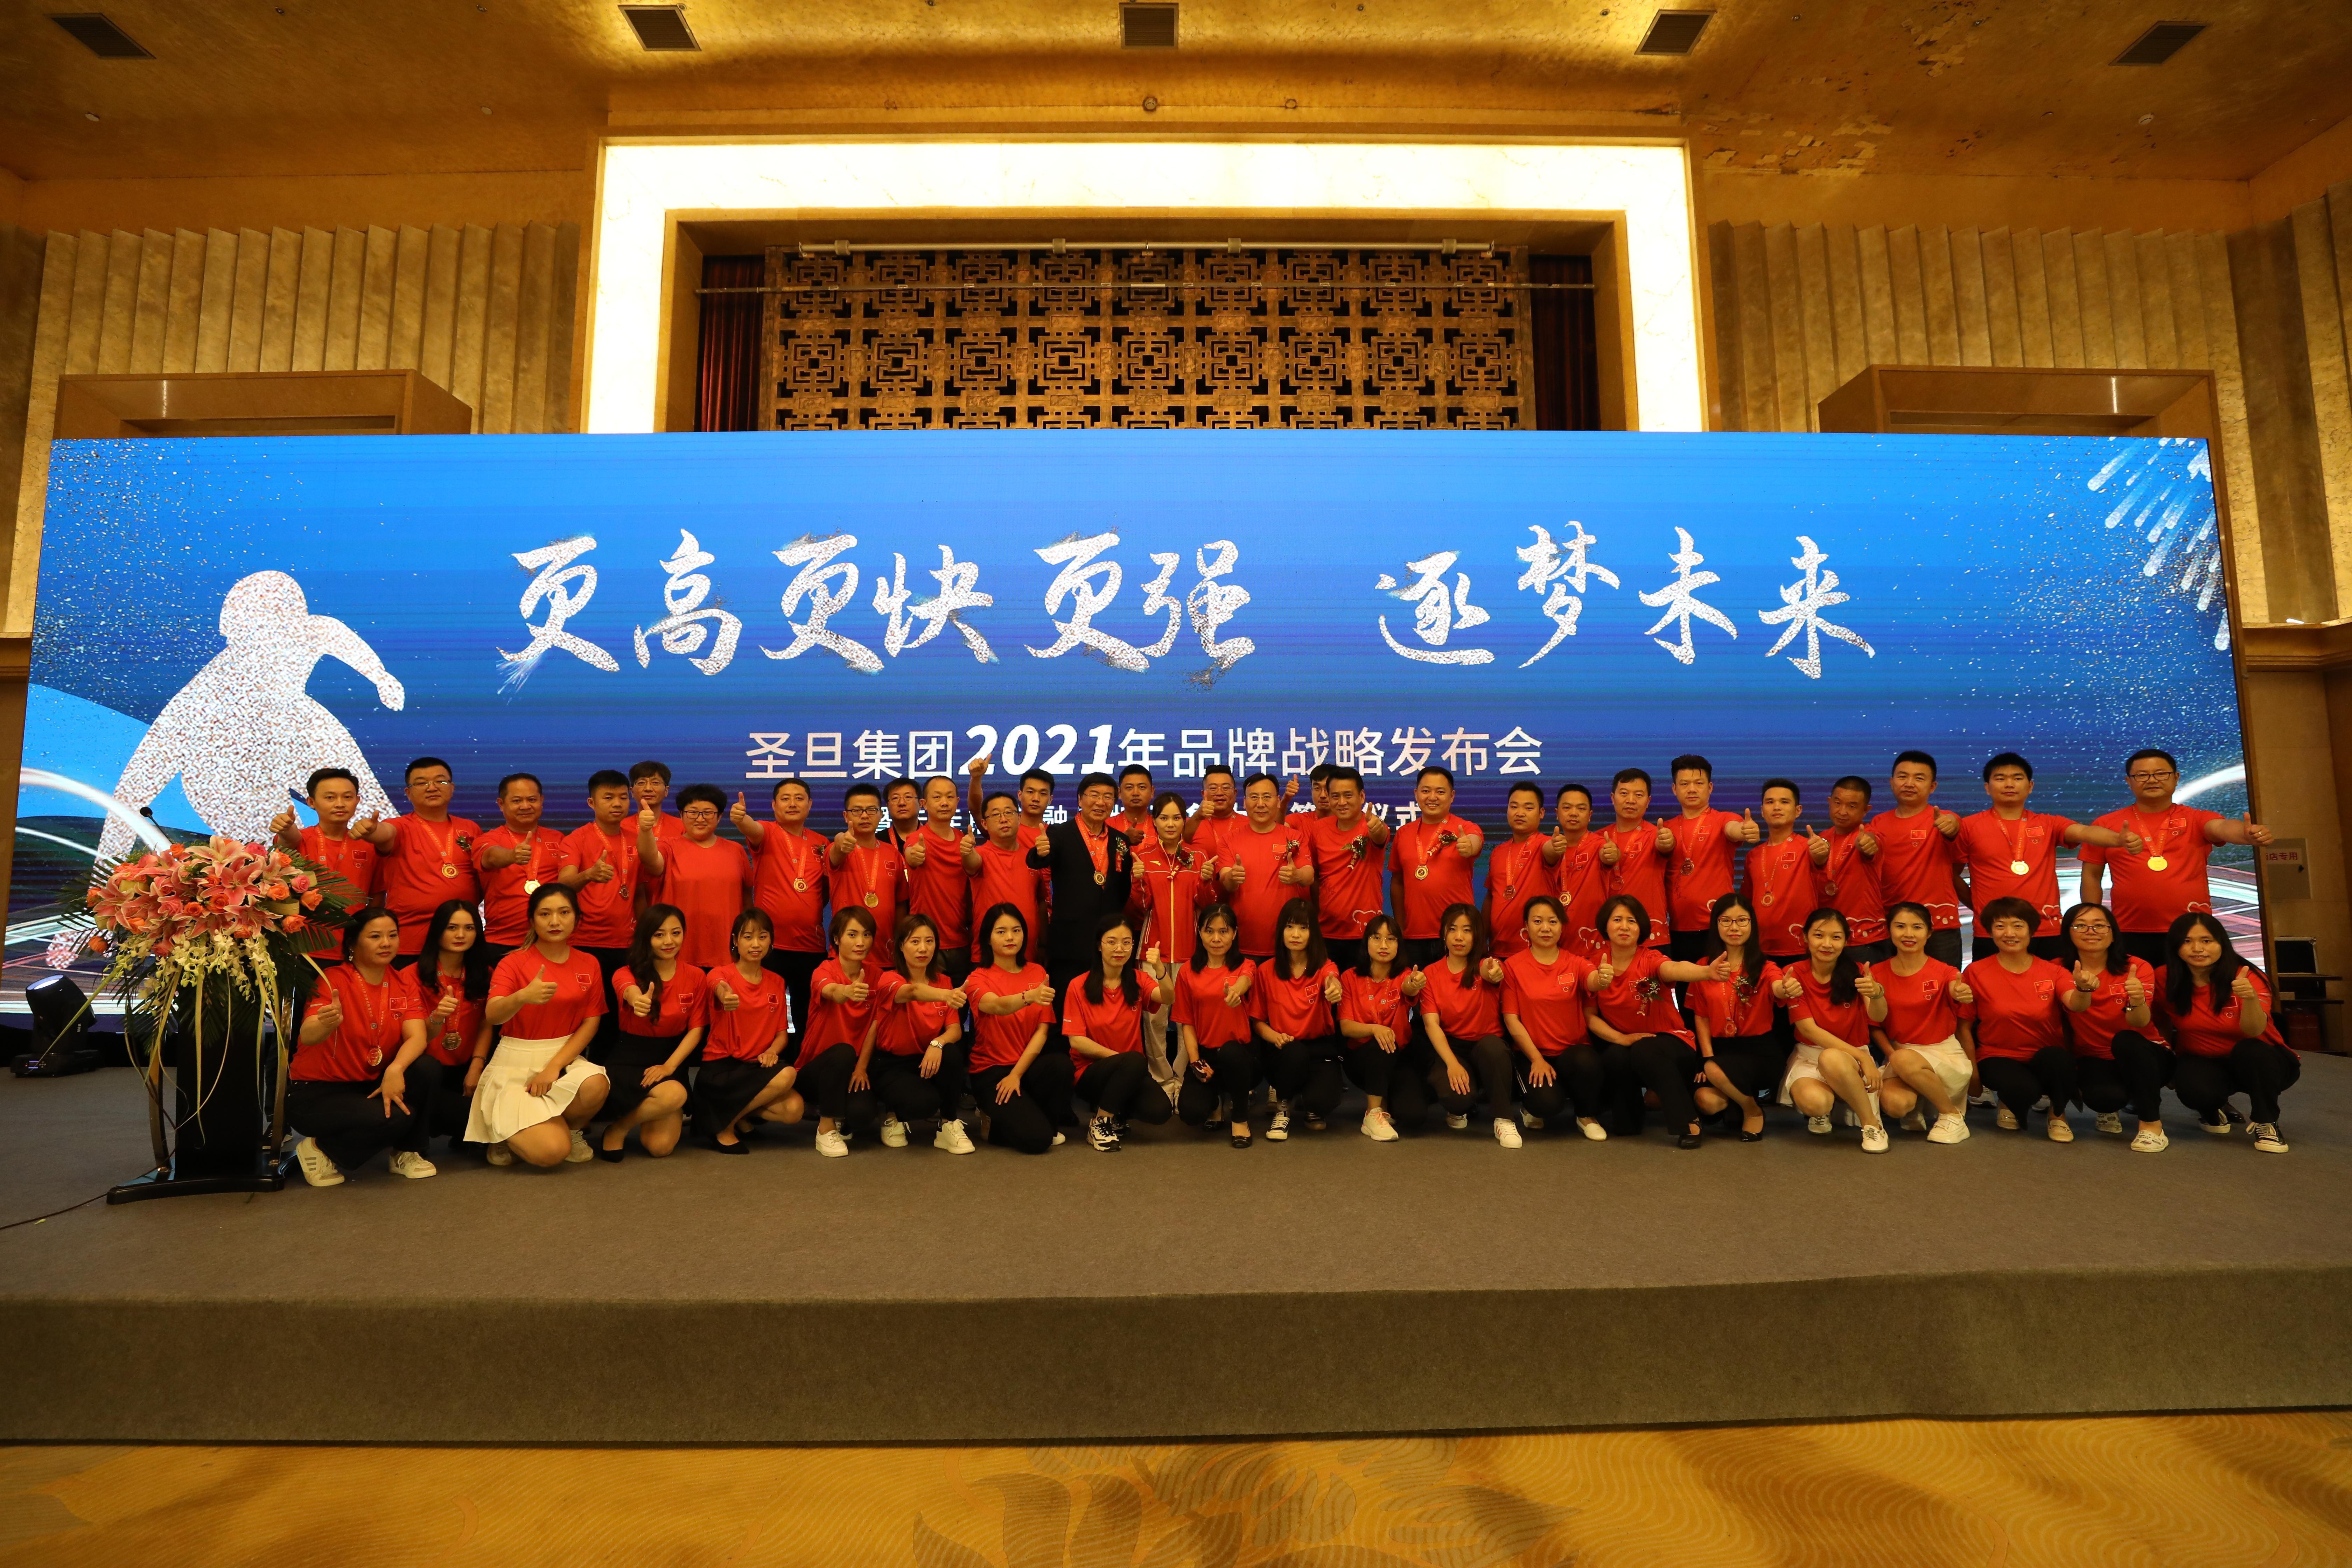 圣旦集团2021咔哇熊亲融品牌战略发布会在京圆满举办